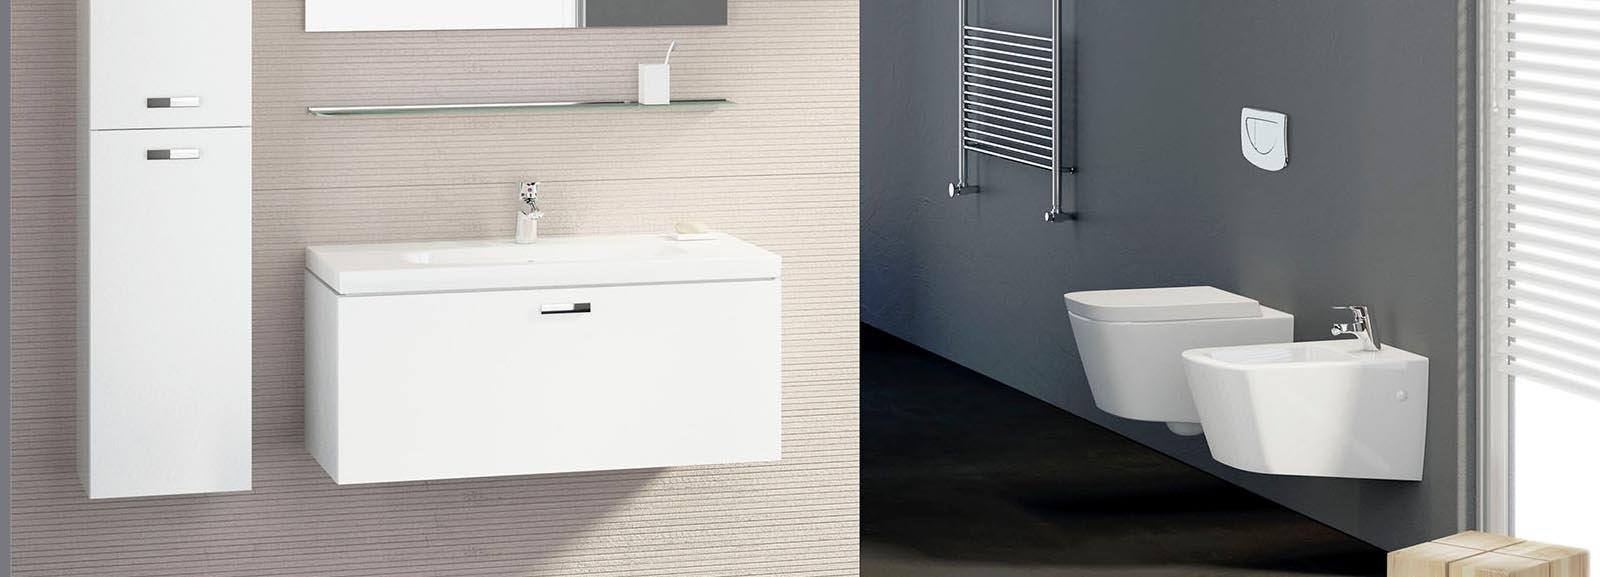 Sanitari sospesi per un bagno contemporaneo cose di casa - Rubinetti sanitari bagno ...